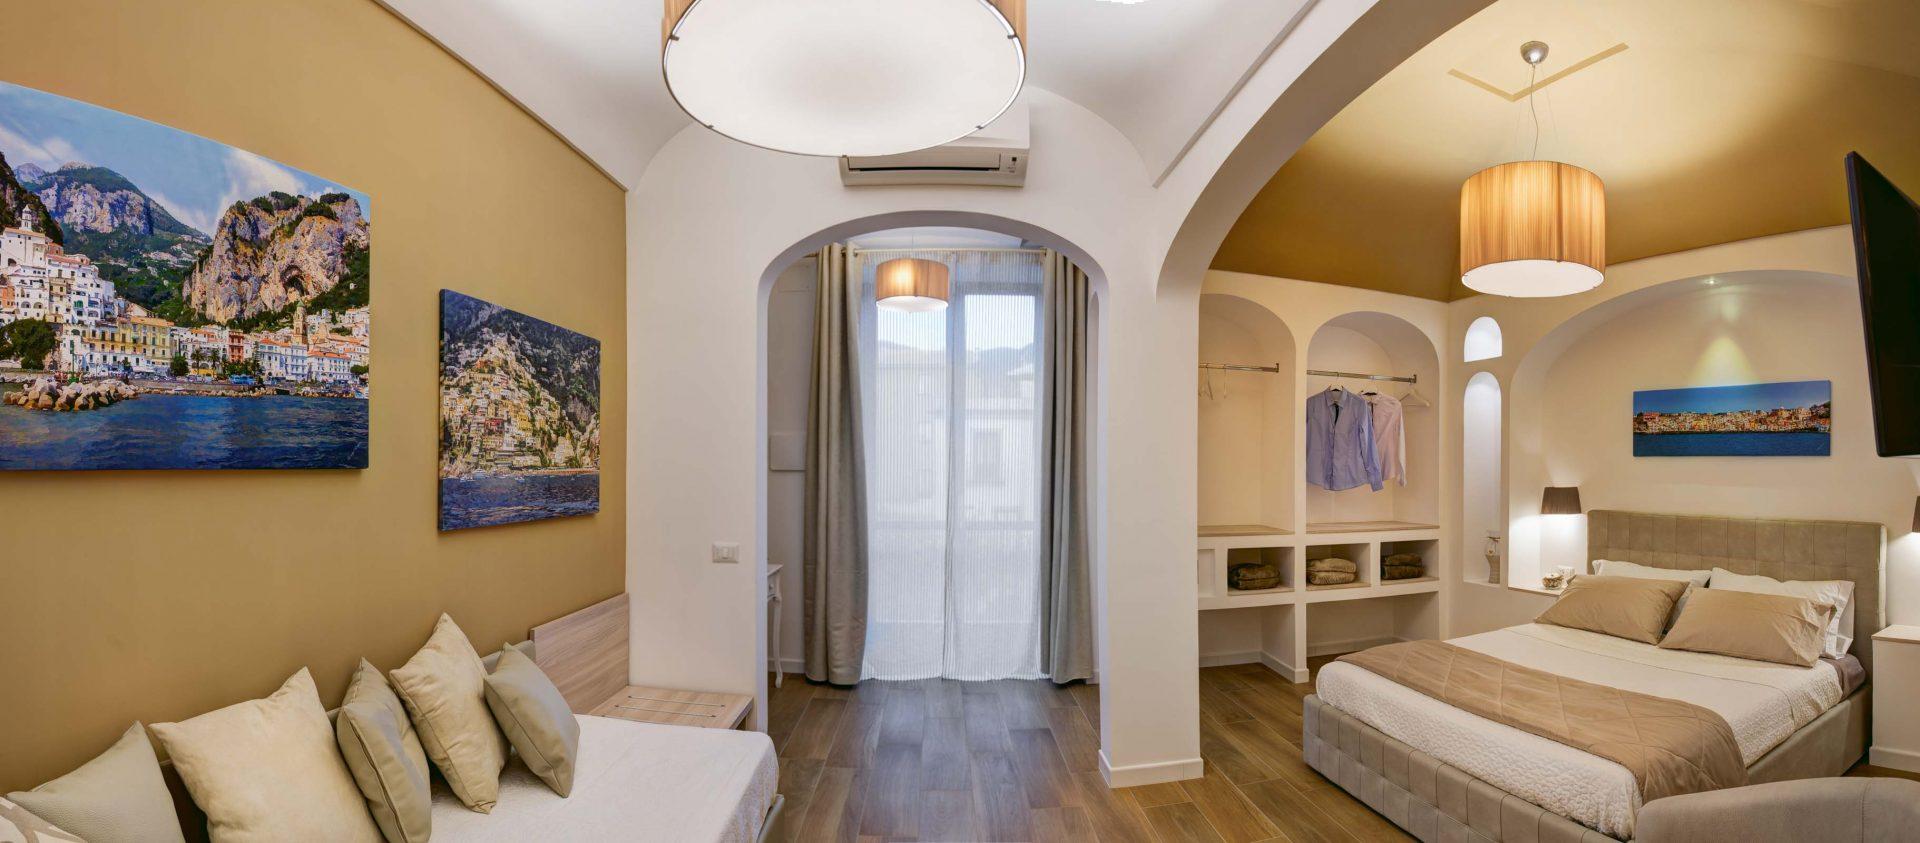 Pano-suite-beige-2